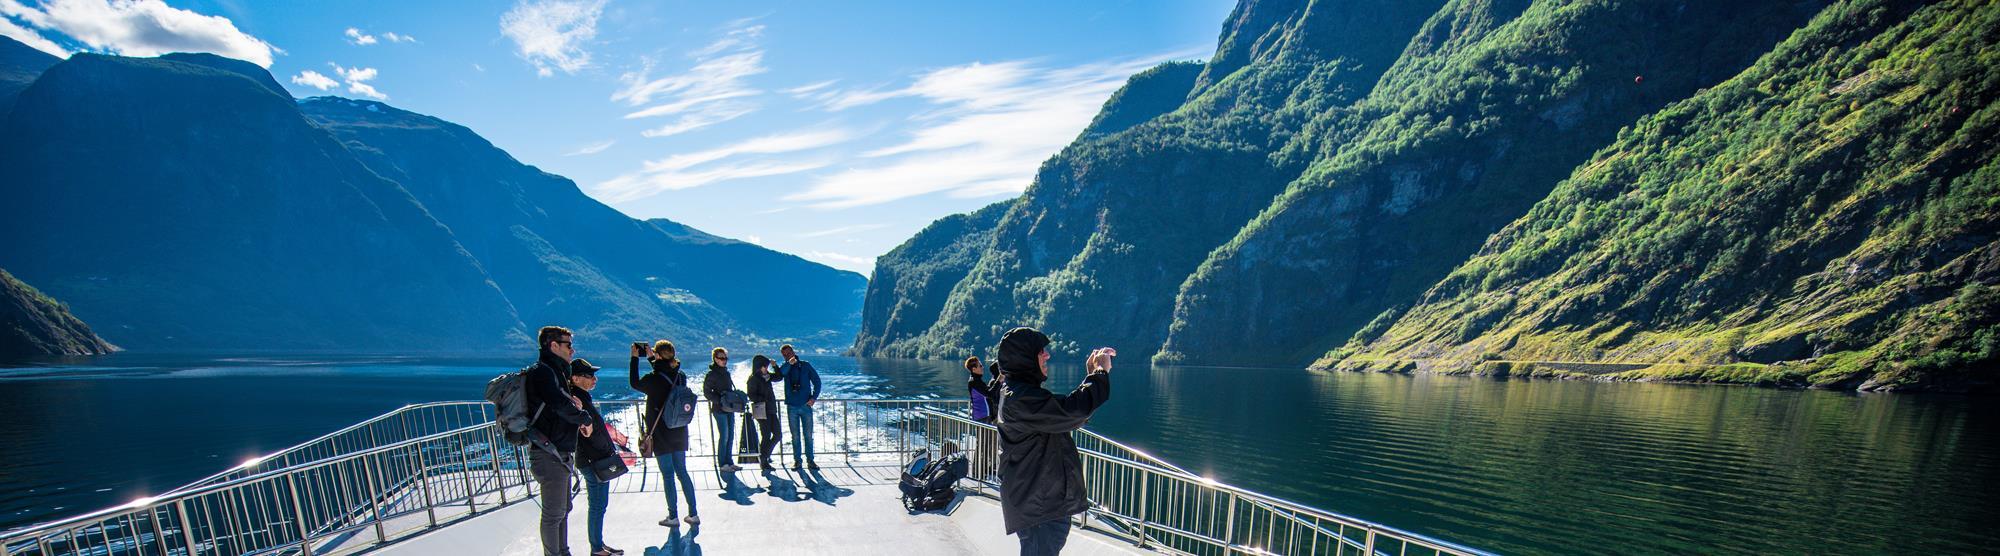 Fjord Tours Cruises Visitbergen Com